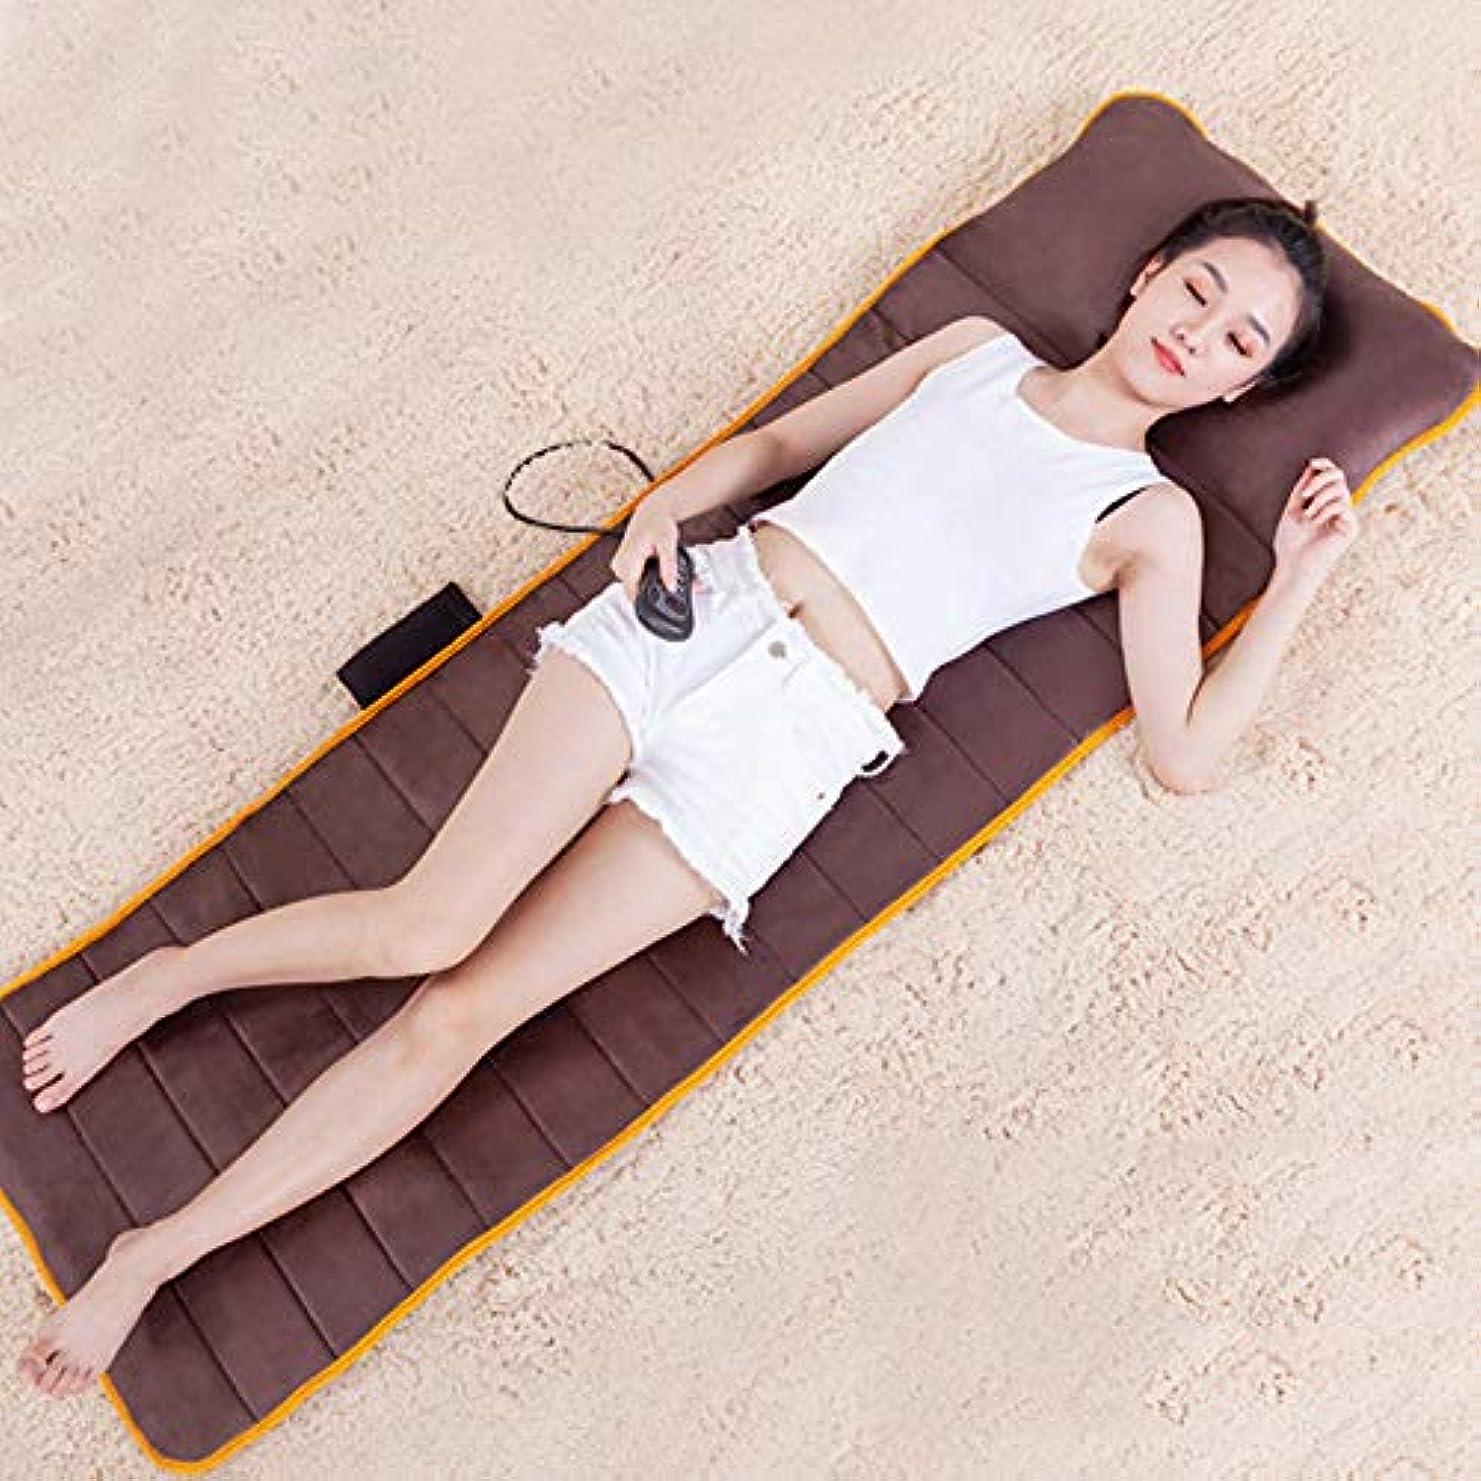 推進、動かすアクロバット革新マッサージマット - 熱 - 振動可能なマッサージパッド - 首、背中、足の痛みを軽減するための10振動モーターマットレスパッド